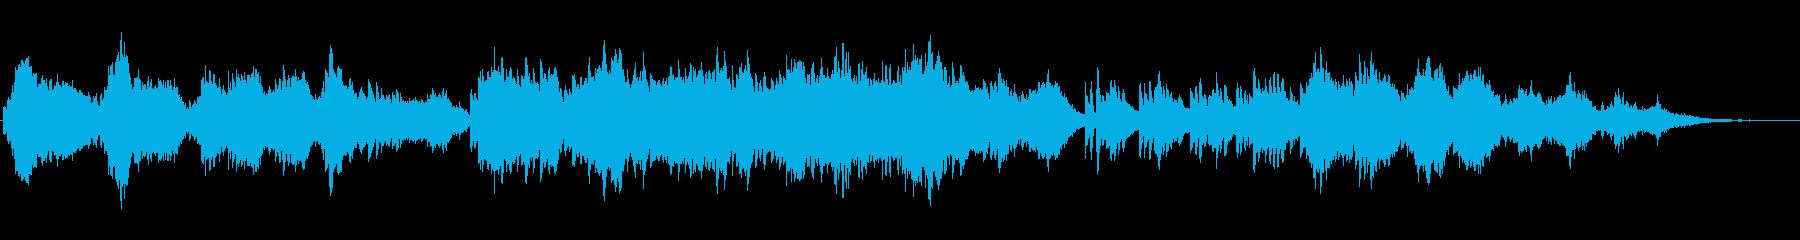 ピアノとストリングスの優しい曲08の再生済みの波形